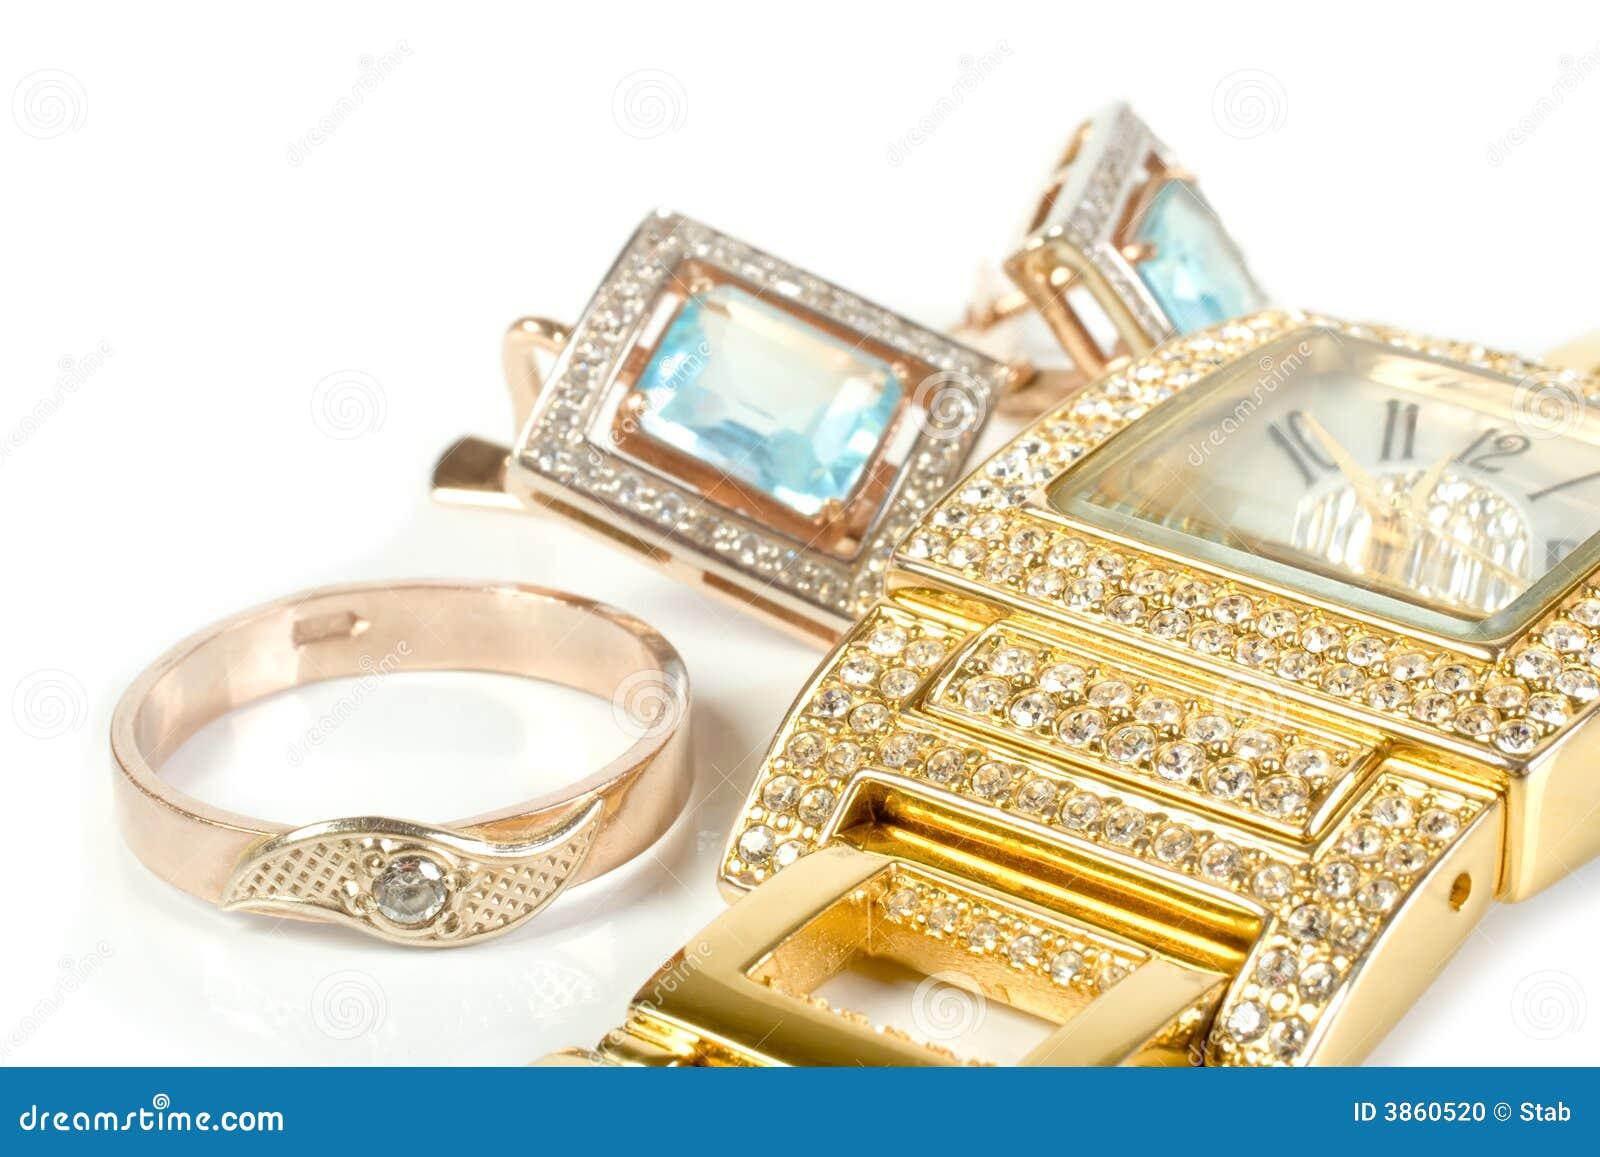 Insieme dei monili, anello, vigilanza, orecchini